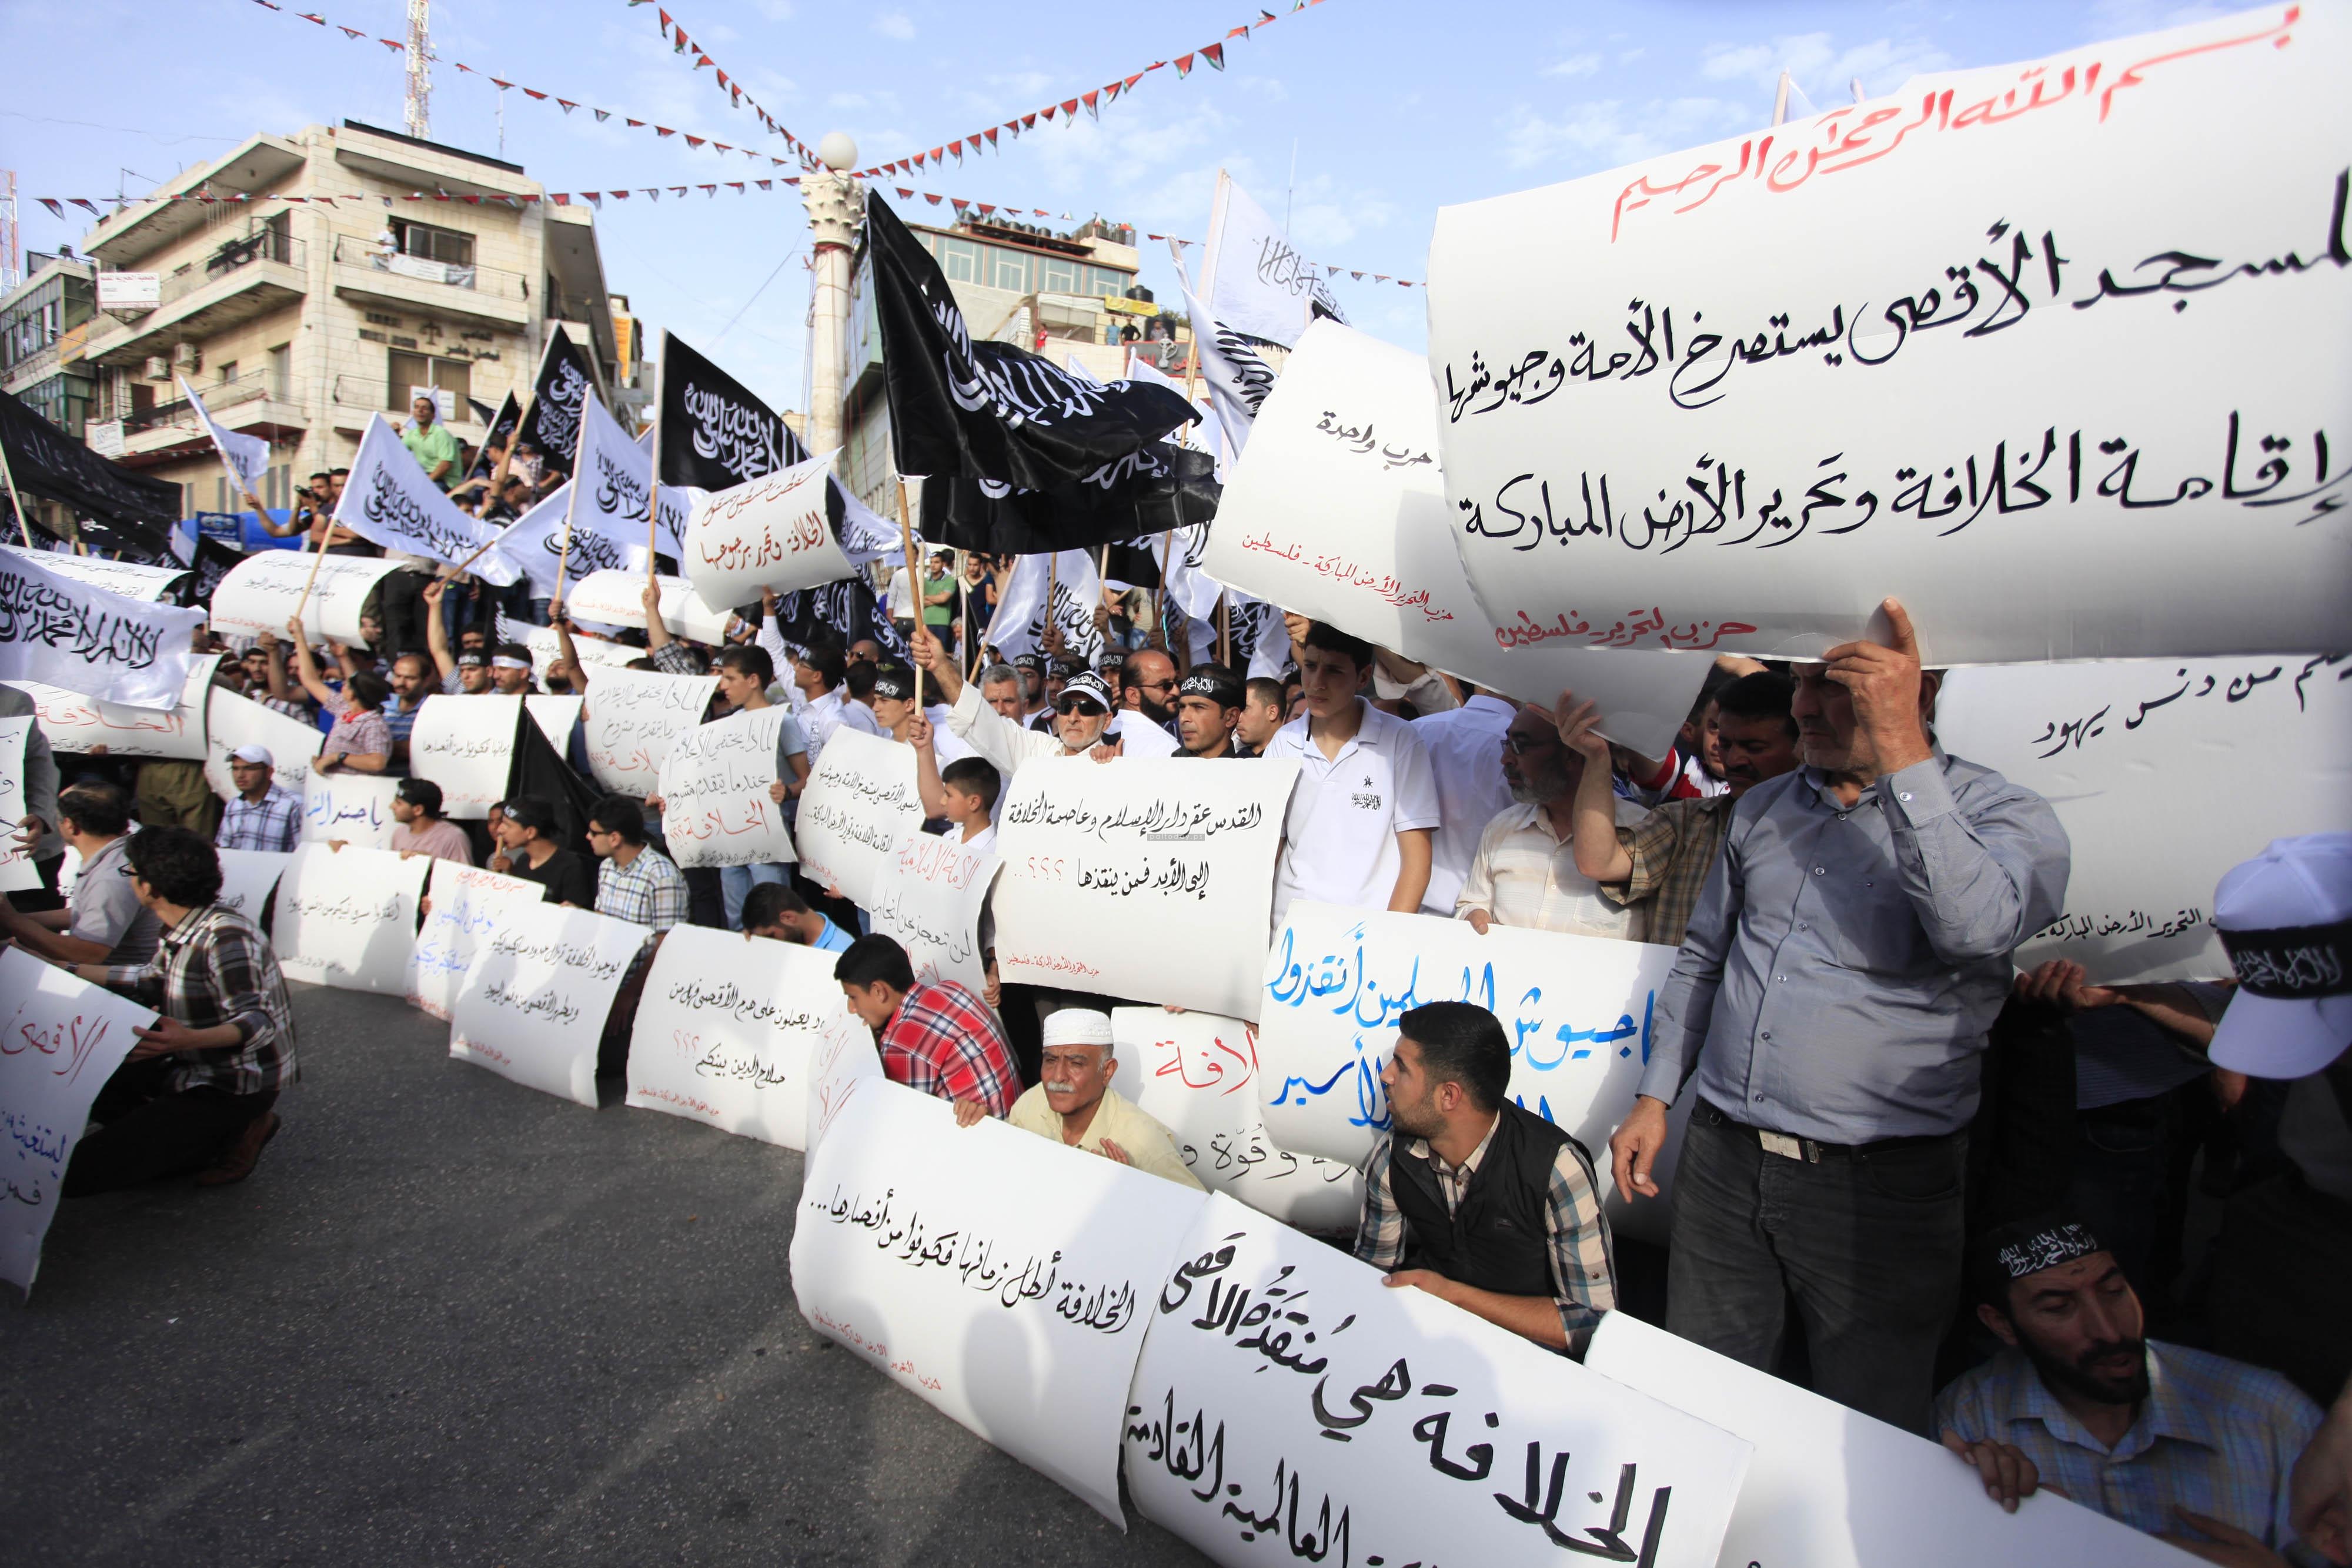 الآلاف تشارك في مسيرة حاشدة لحزب التحرير في رام الله